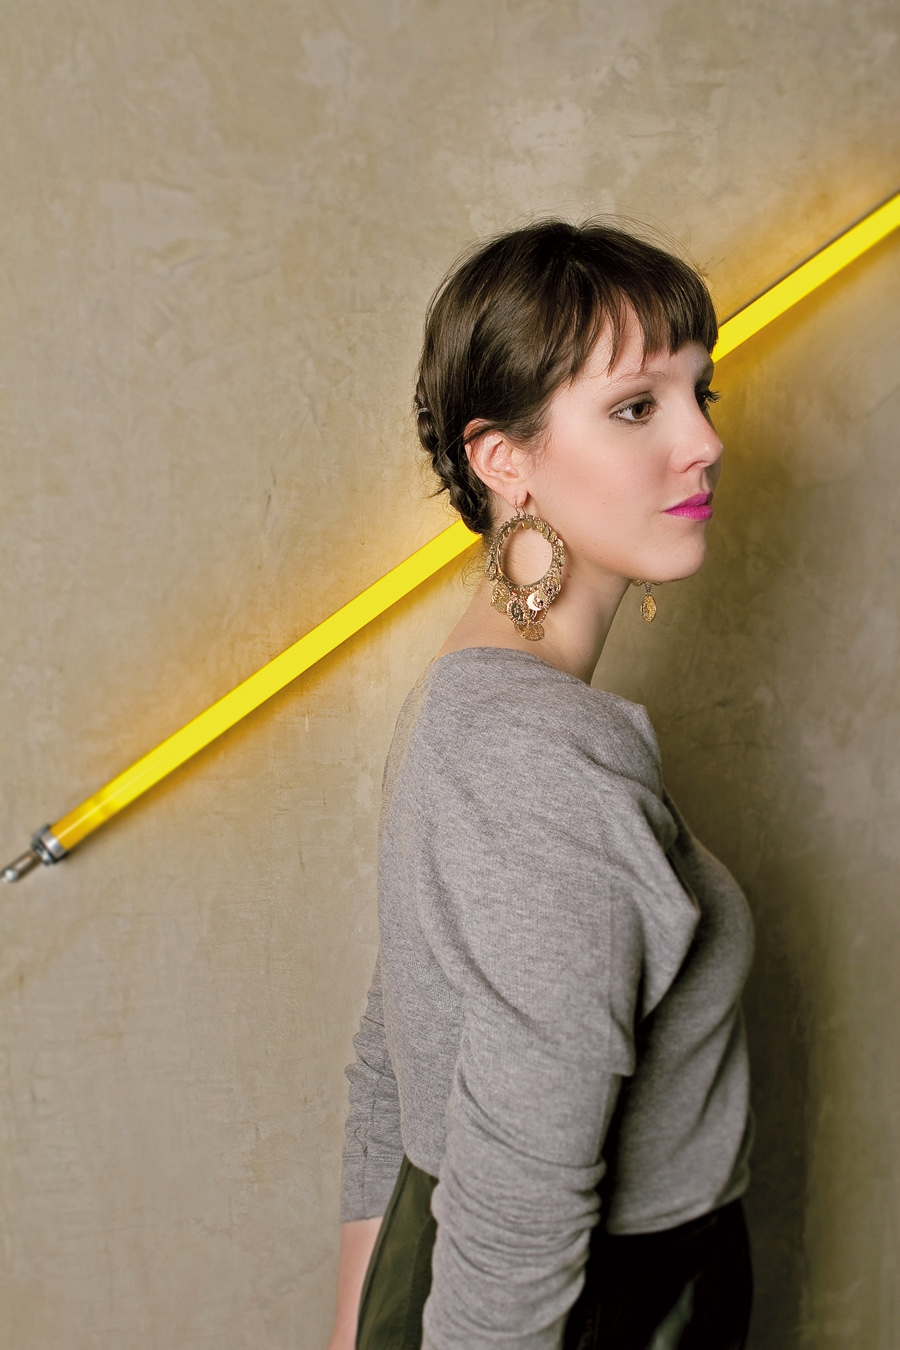 Tranças múltiplas - Jana Rosa ensinou uma trança múltipla prática de fazer na Tpm 203, lembra? https://revistatrip.uol.com.br/revista/103/magazine/sem-no.html